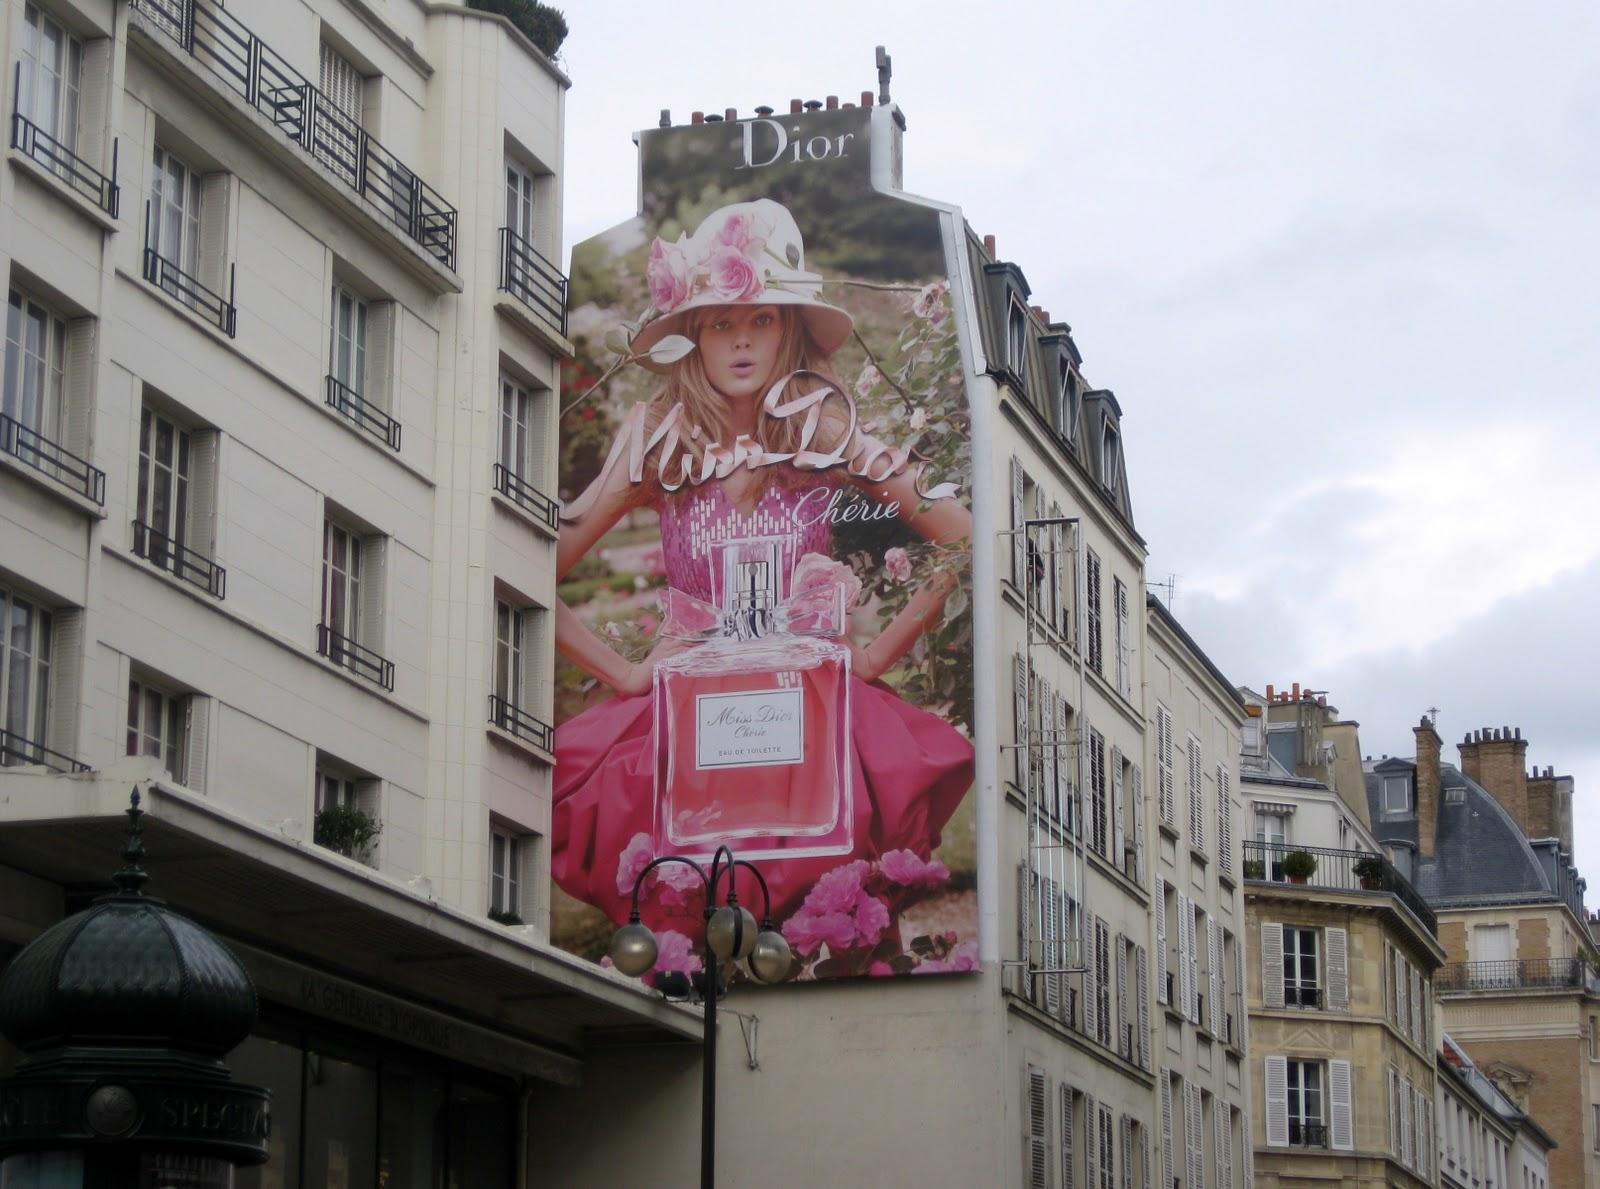 Rue de passy la parisinala parisina - La poste passy ...